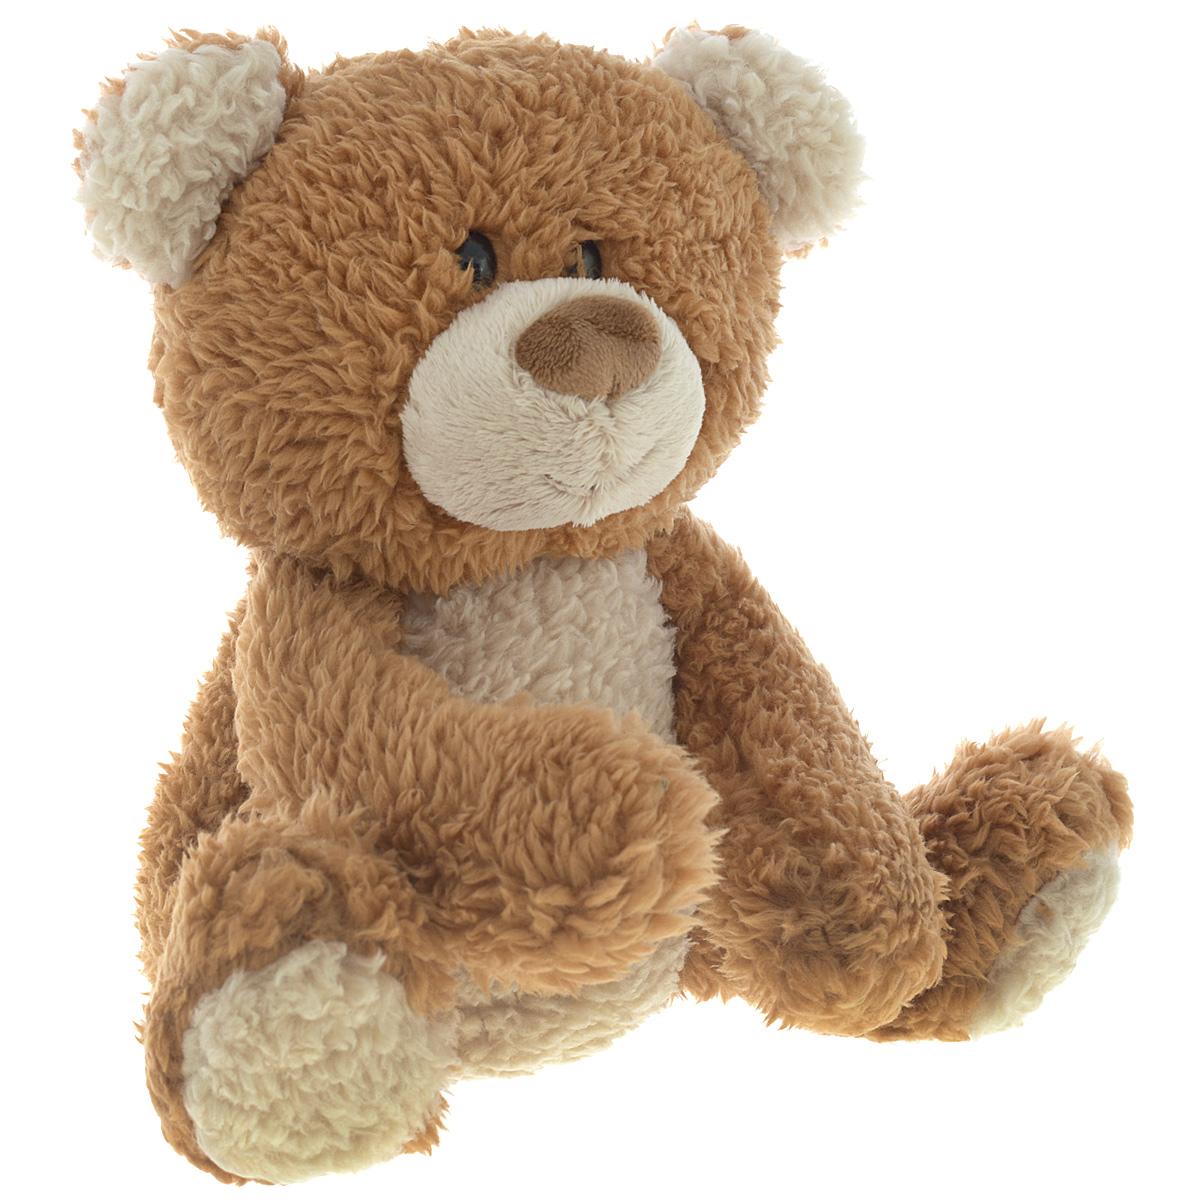 Мягкая игрушка Медведь, цвет: коричневый, 25,5 см4046288_коричневыйОчаровательная мягкая игрушка Медведь, выполненная в виде медвежонка коричневого цвета, вызовет умиление и улыбку у каждого, кто ее увидит. Удивительно мягкая игрушка принесет радость и подарит своему обладателю мгновения нежных объятий и приятных воспоминаний. Она выполнена из мягких волокон с набивкой из гипоаллергенного синтепона с добавлением пластиковых гранул. Великолепное качество исполнения делают эту игрушку чудесным подарком к любому празднику.